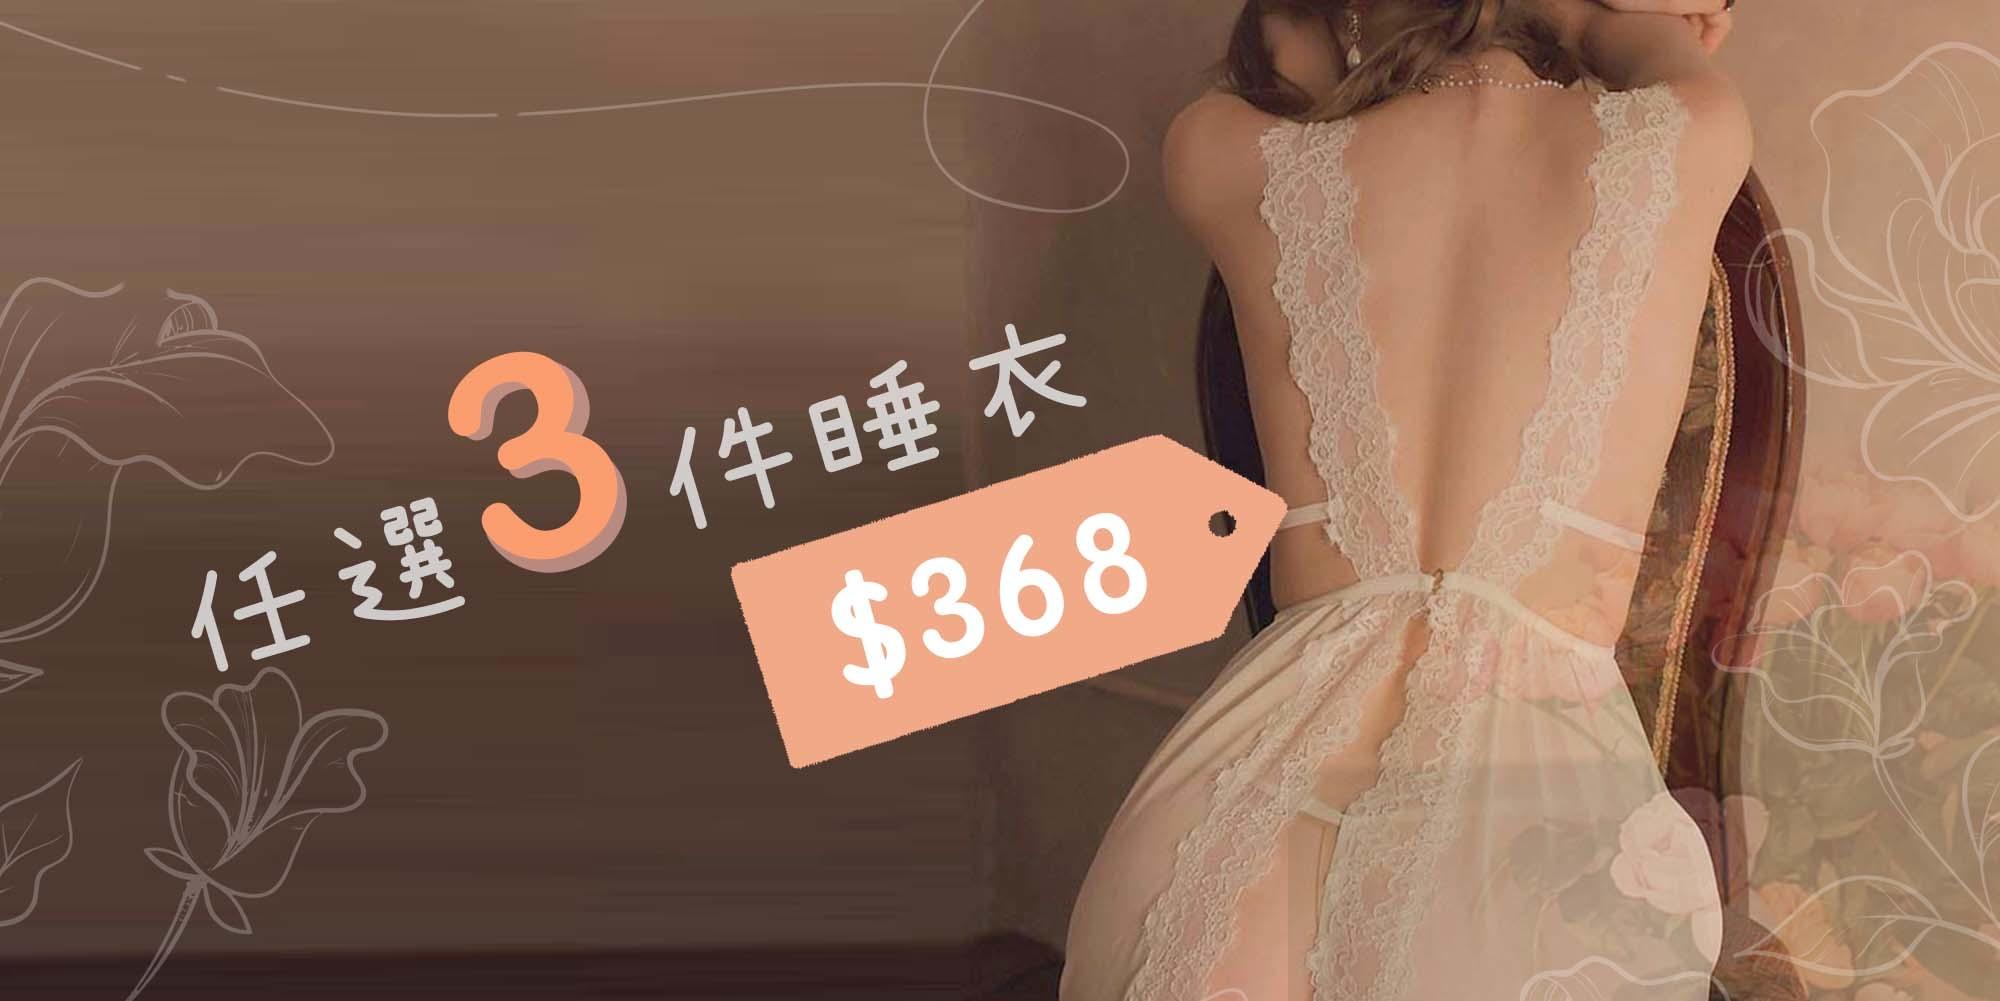 任選 3 件 $368 - 夢幻睡衣